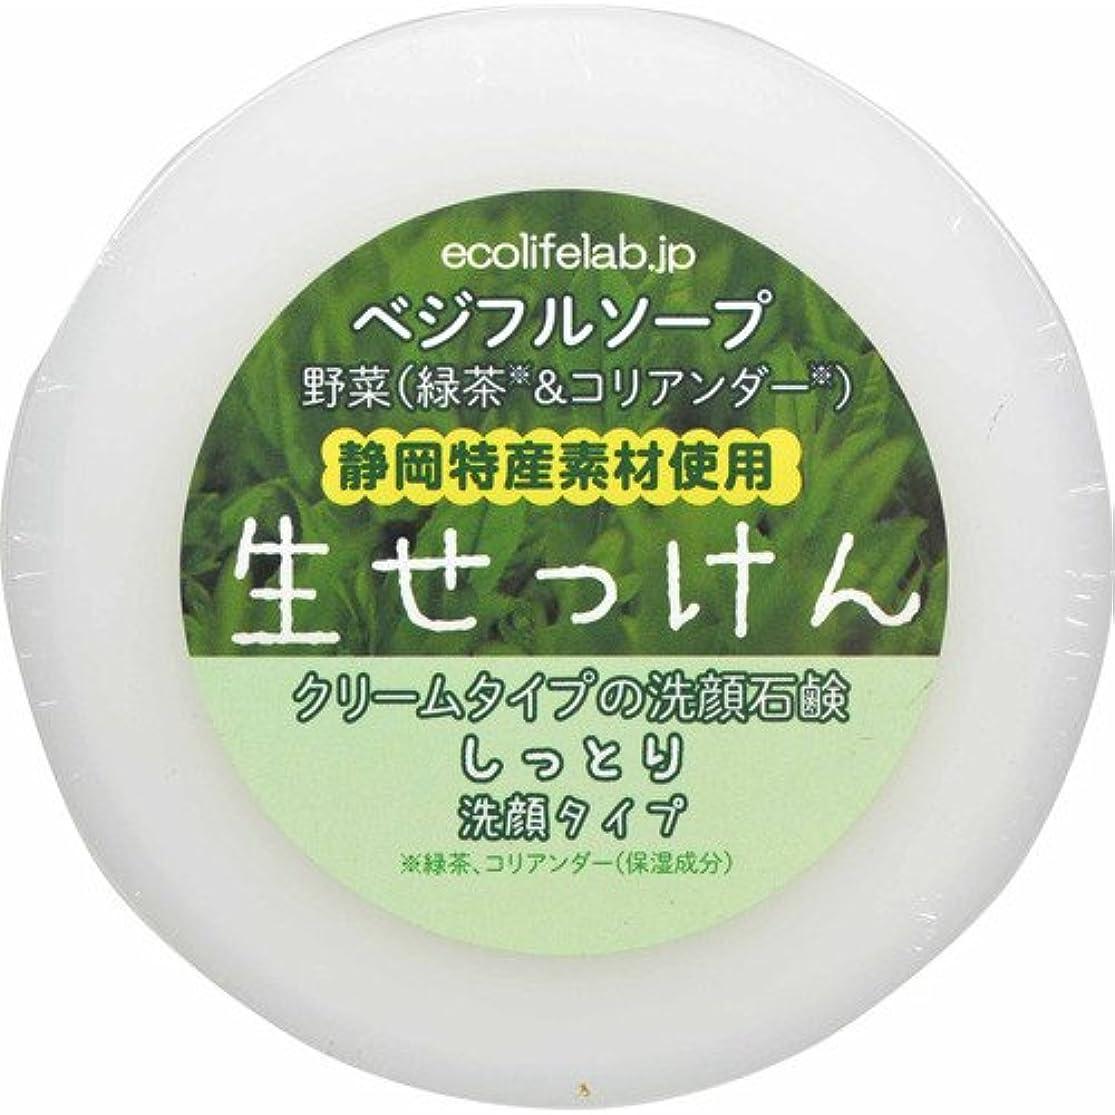 アブストラクトスープ服ベジフルソープ 生せっけん(野菜) しっとり洗顔タイプ 100g